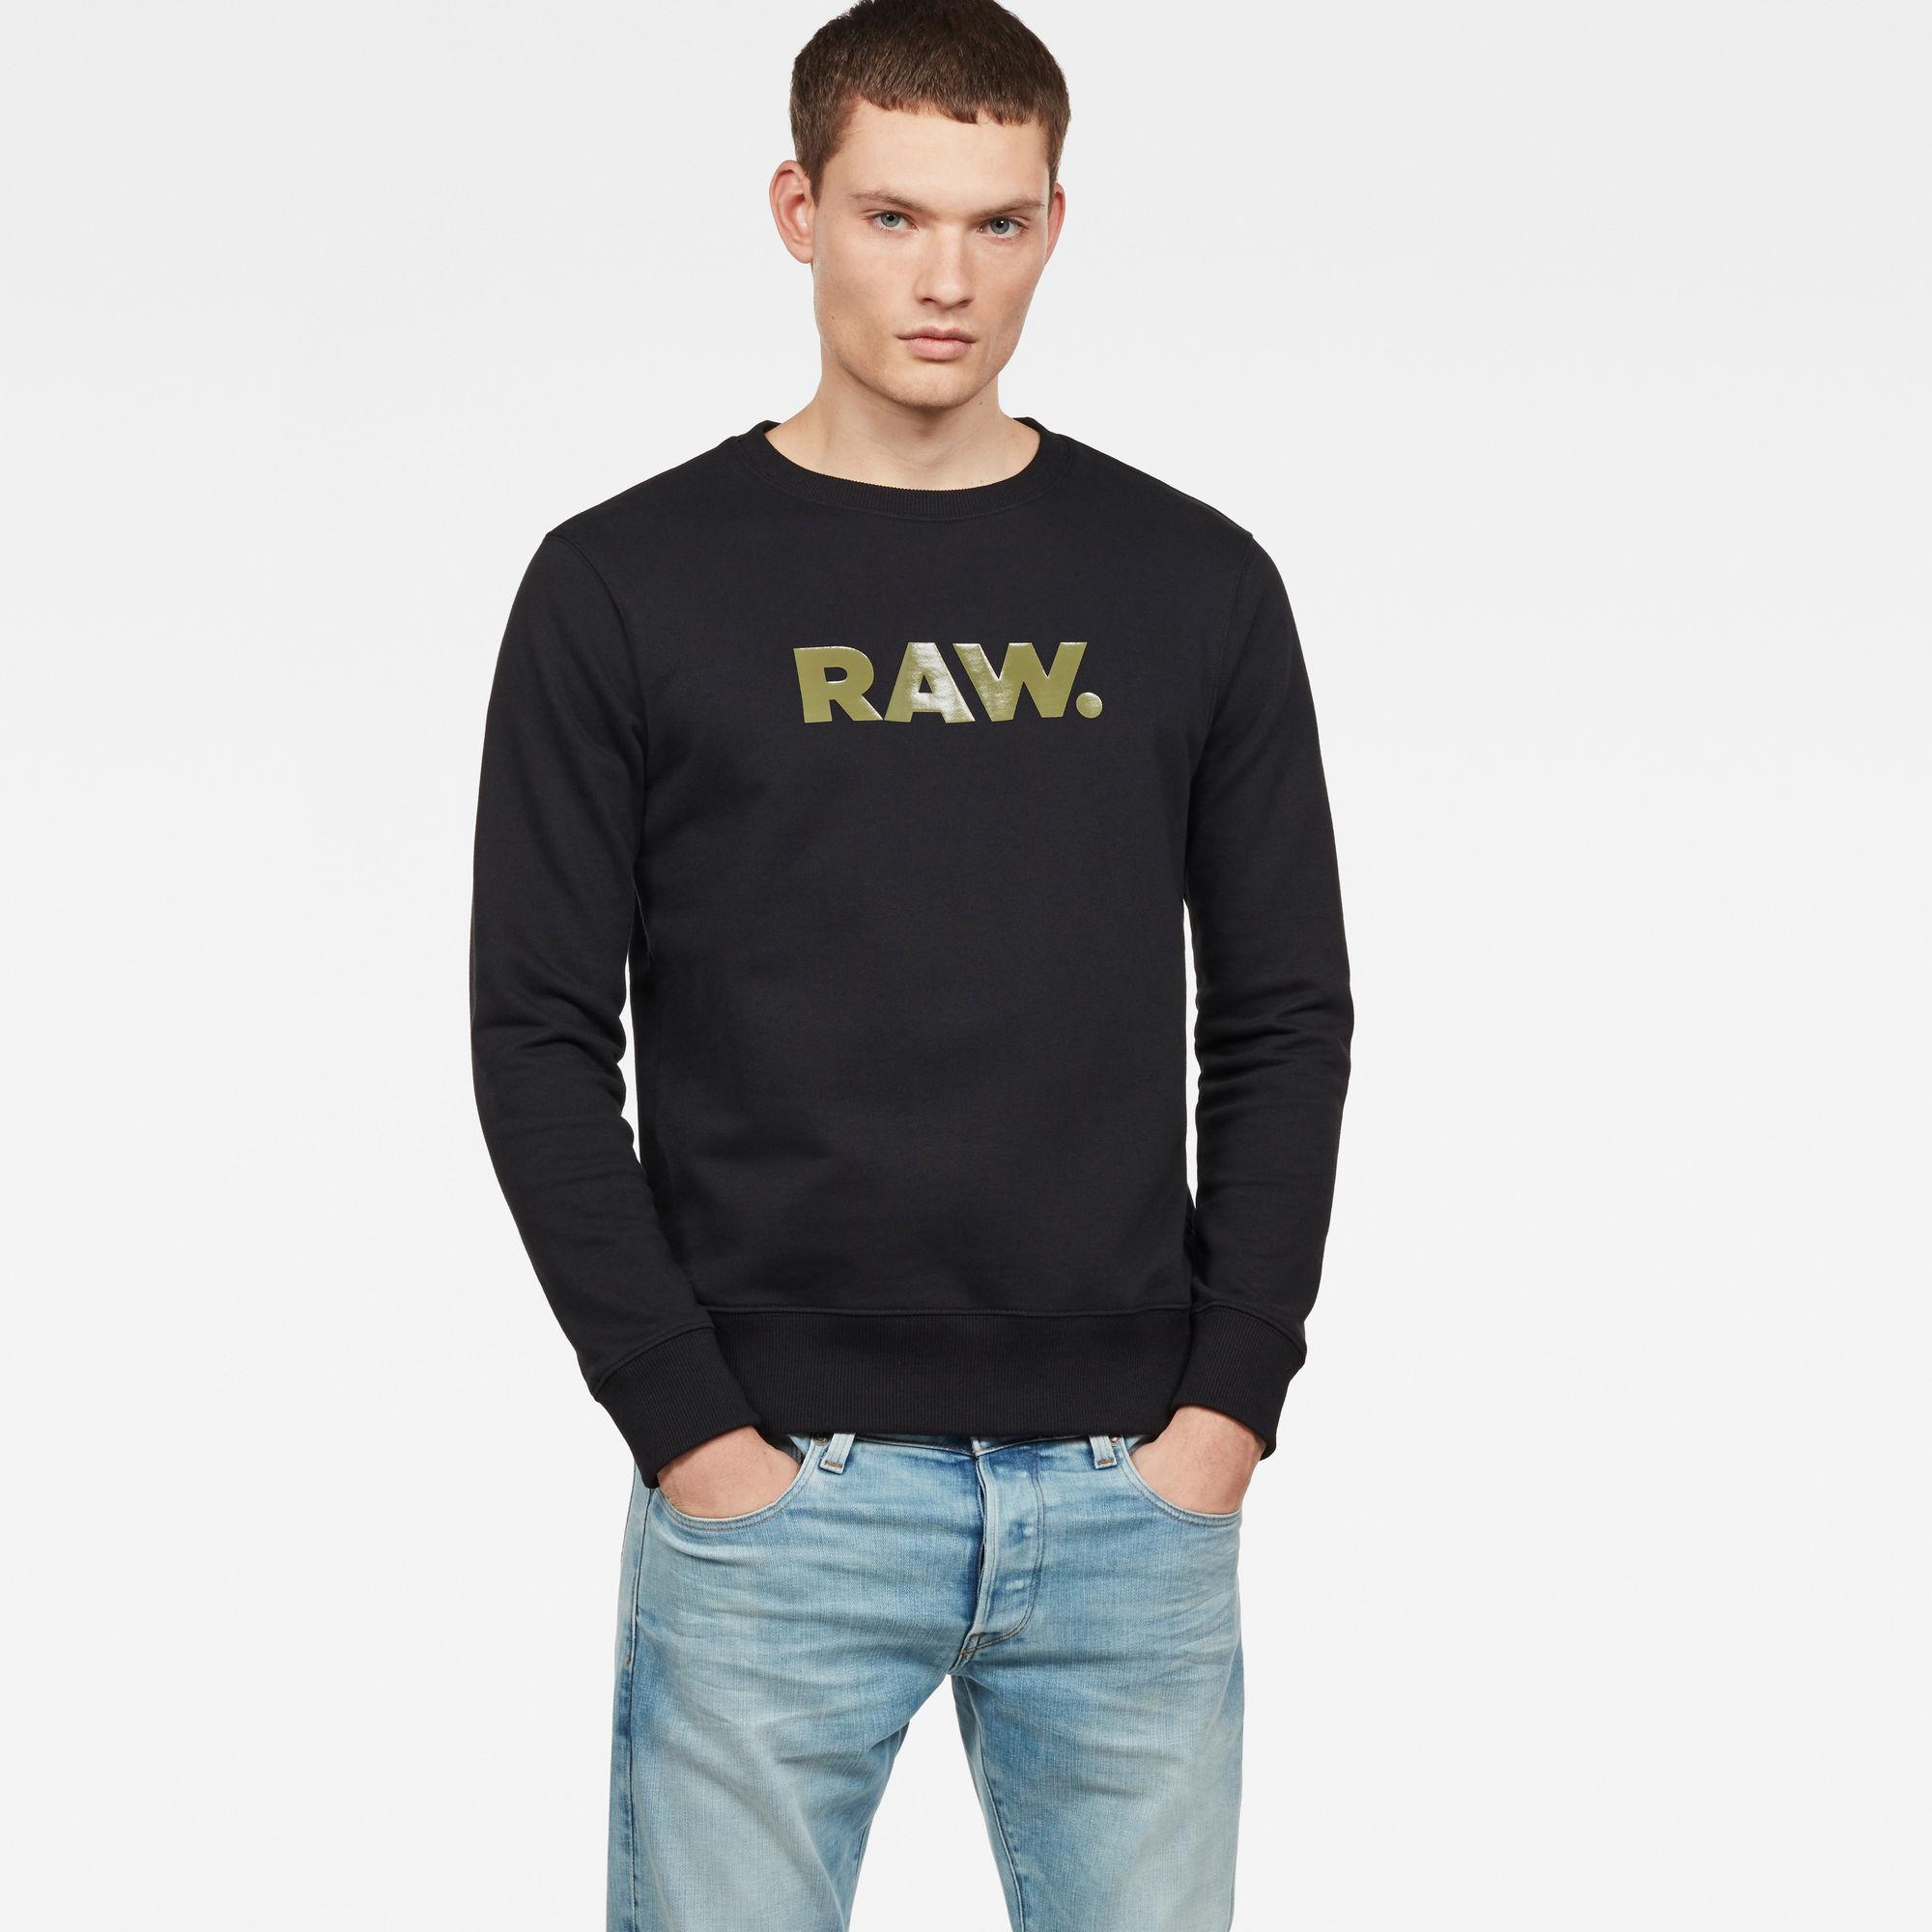 Van G Star Raw Hodin Sweater Prijsvergelijk nu!